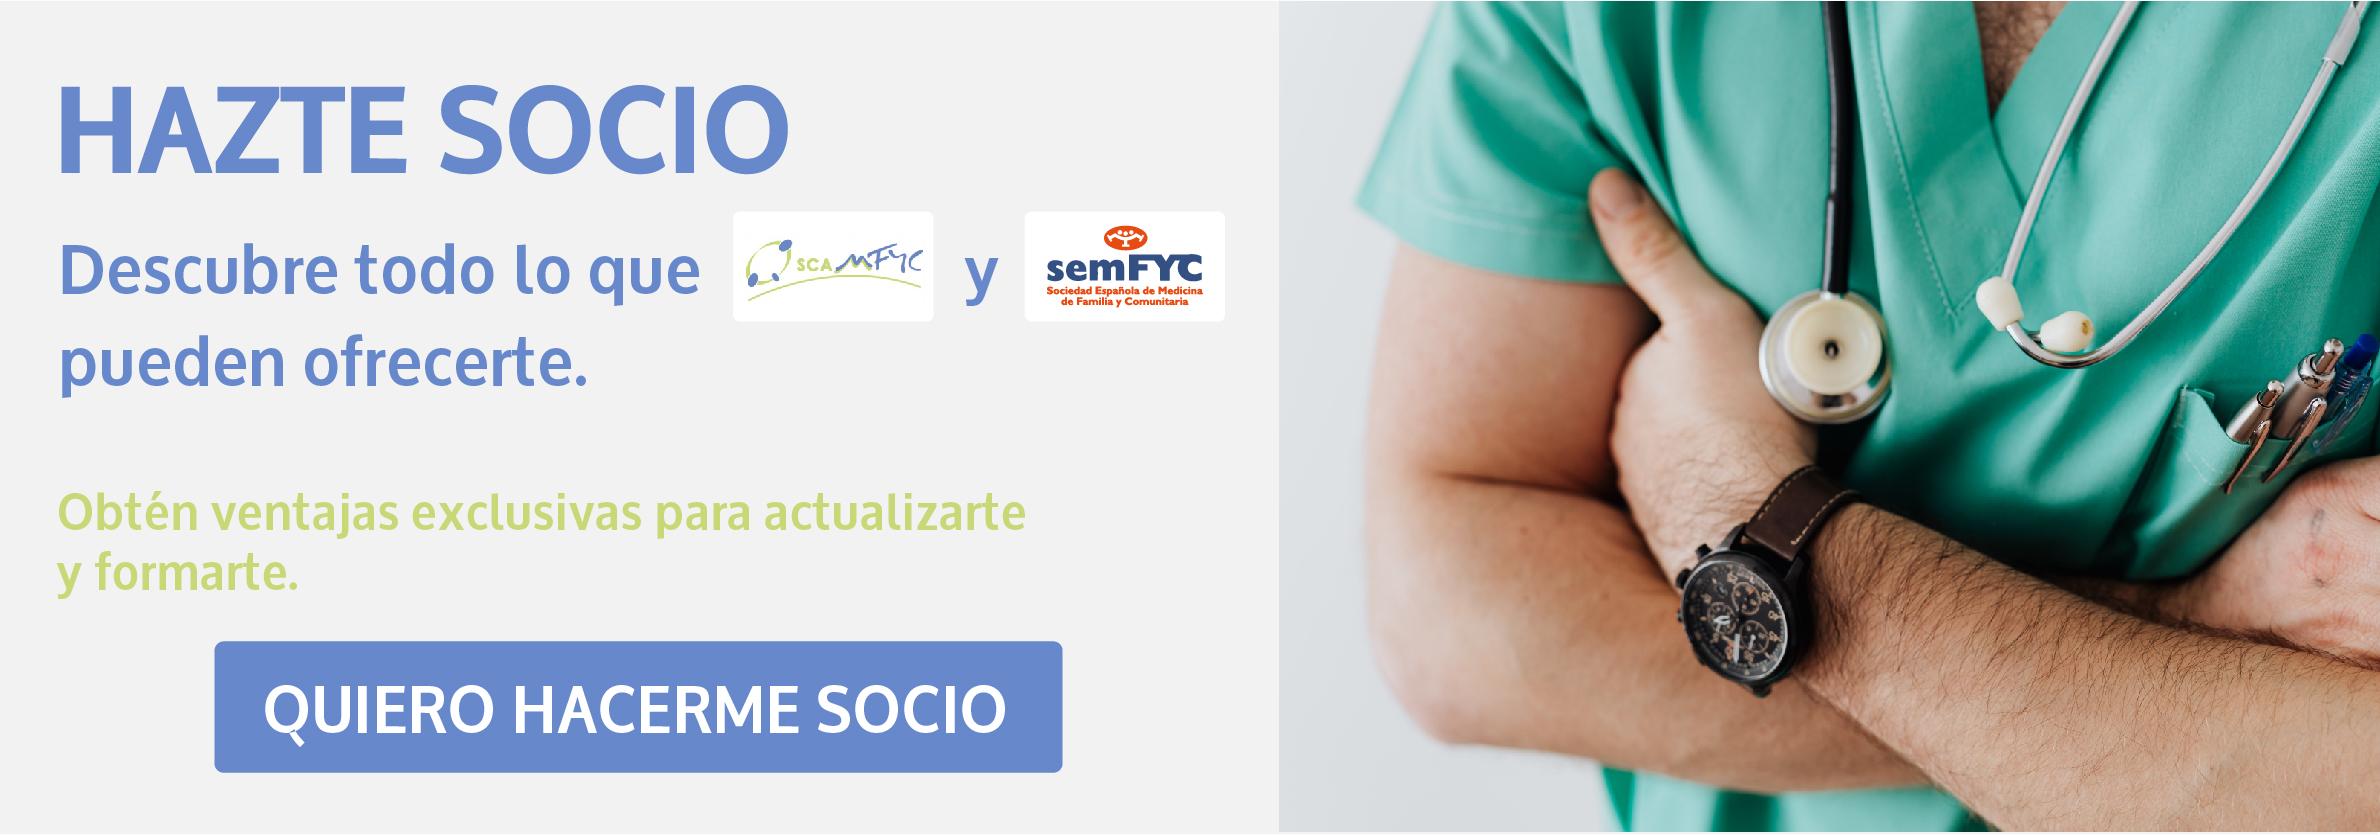 1142x400px banner home HAZTE SOCIO